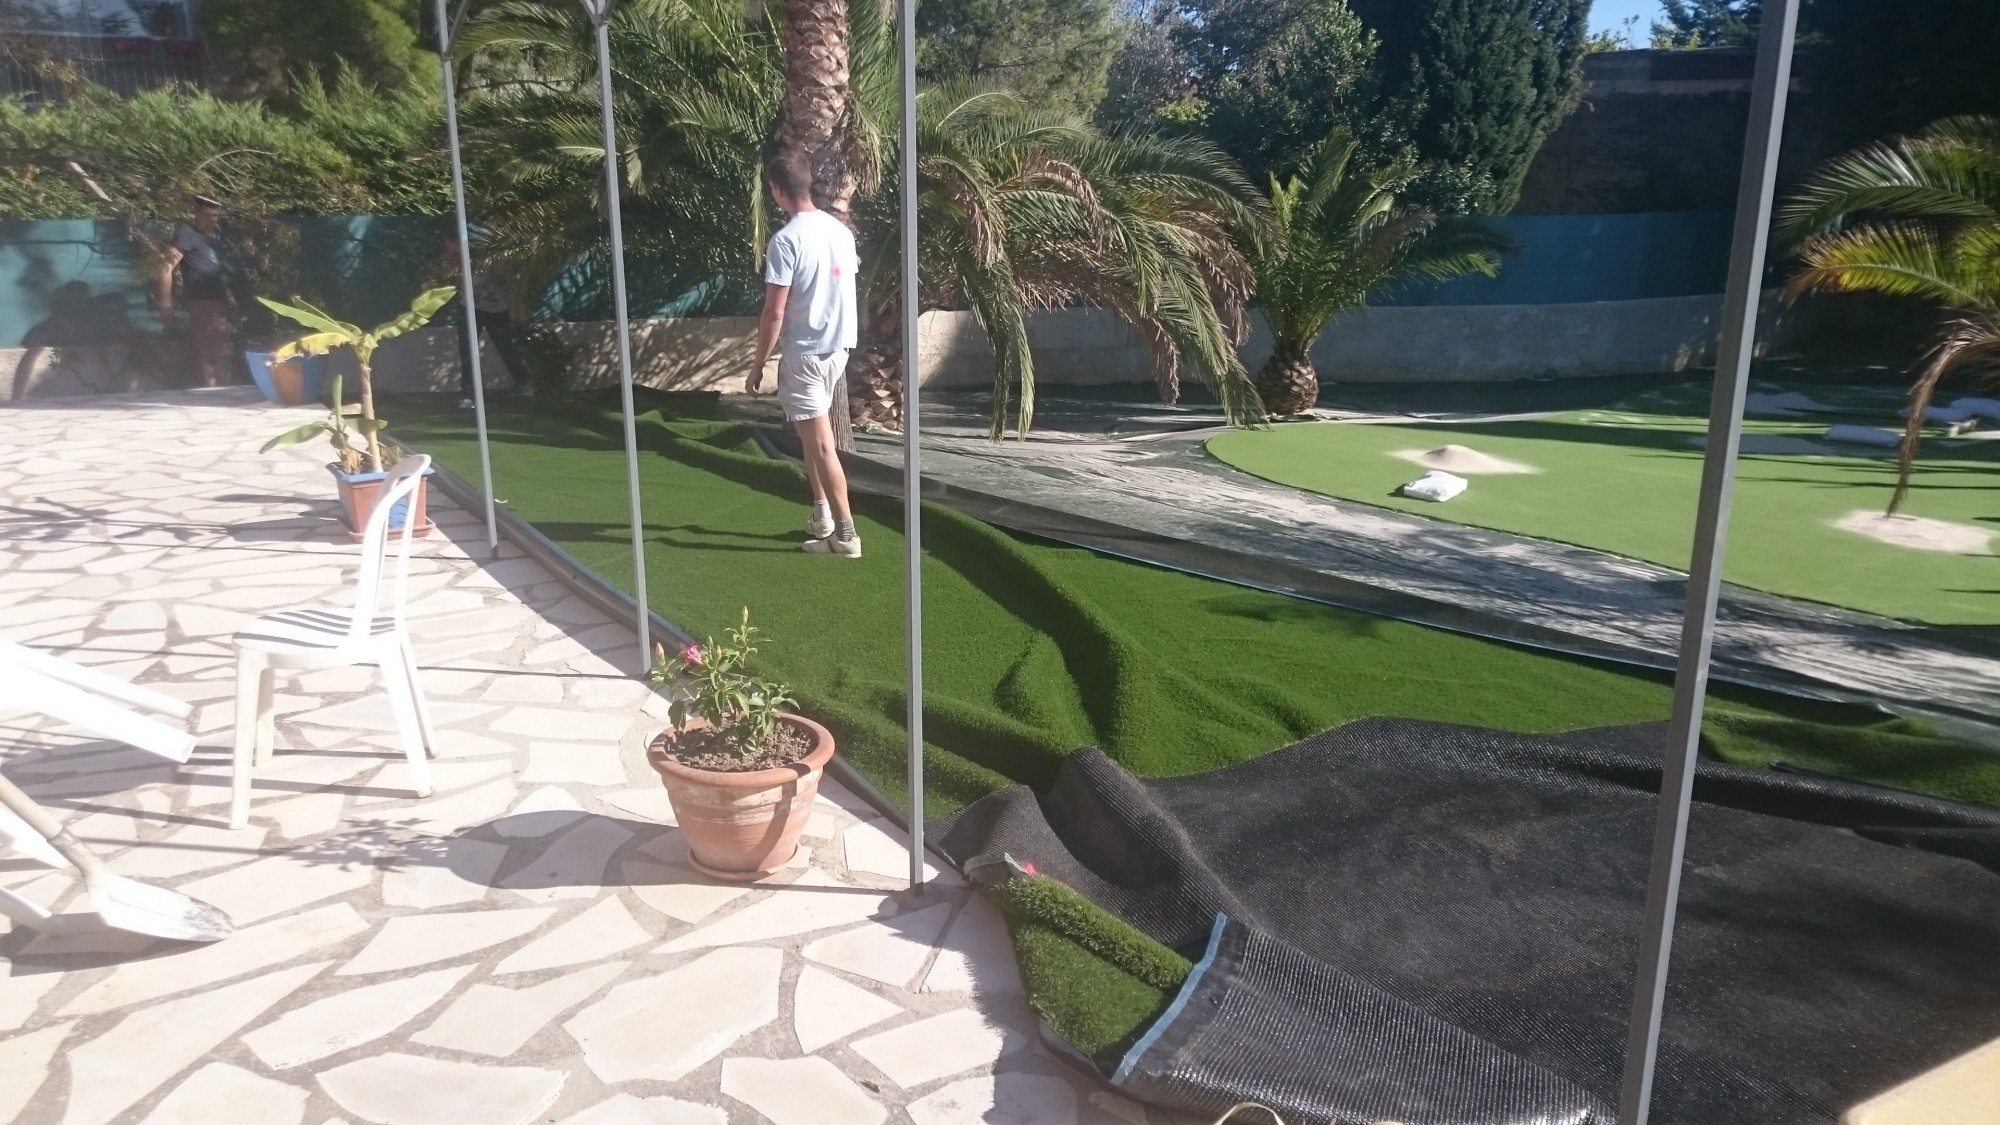 pose d 39 un putting green synth tique nice dans un jardin gazon et pelouse synth tiques. Black Bedroom Furniture Sets. Home Design Ideas